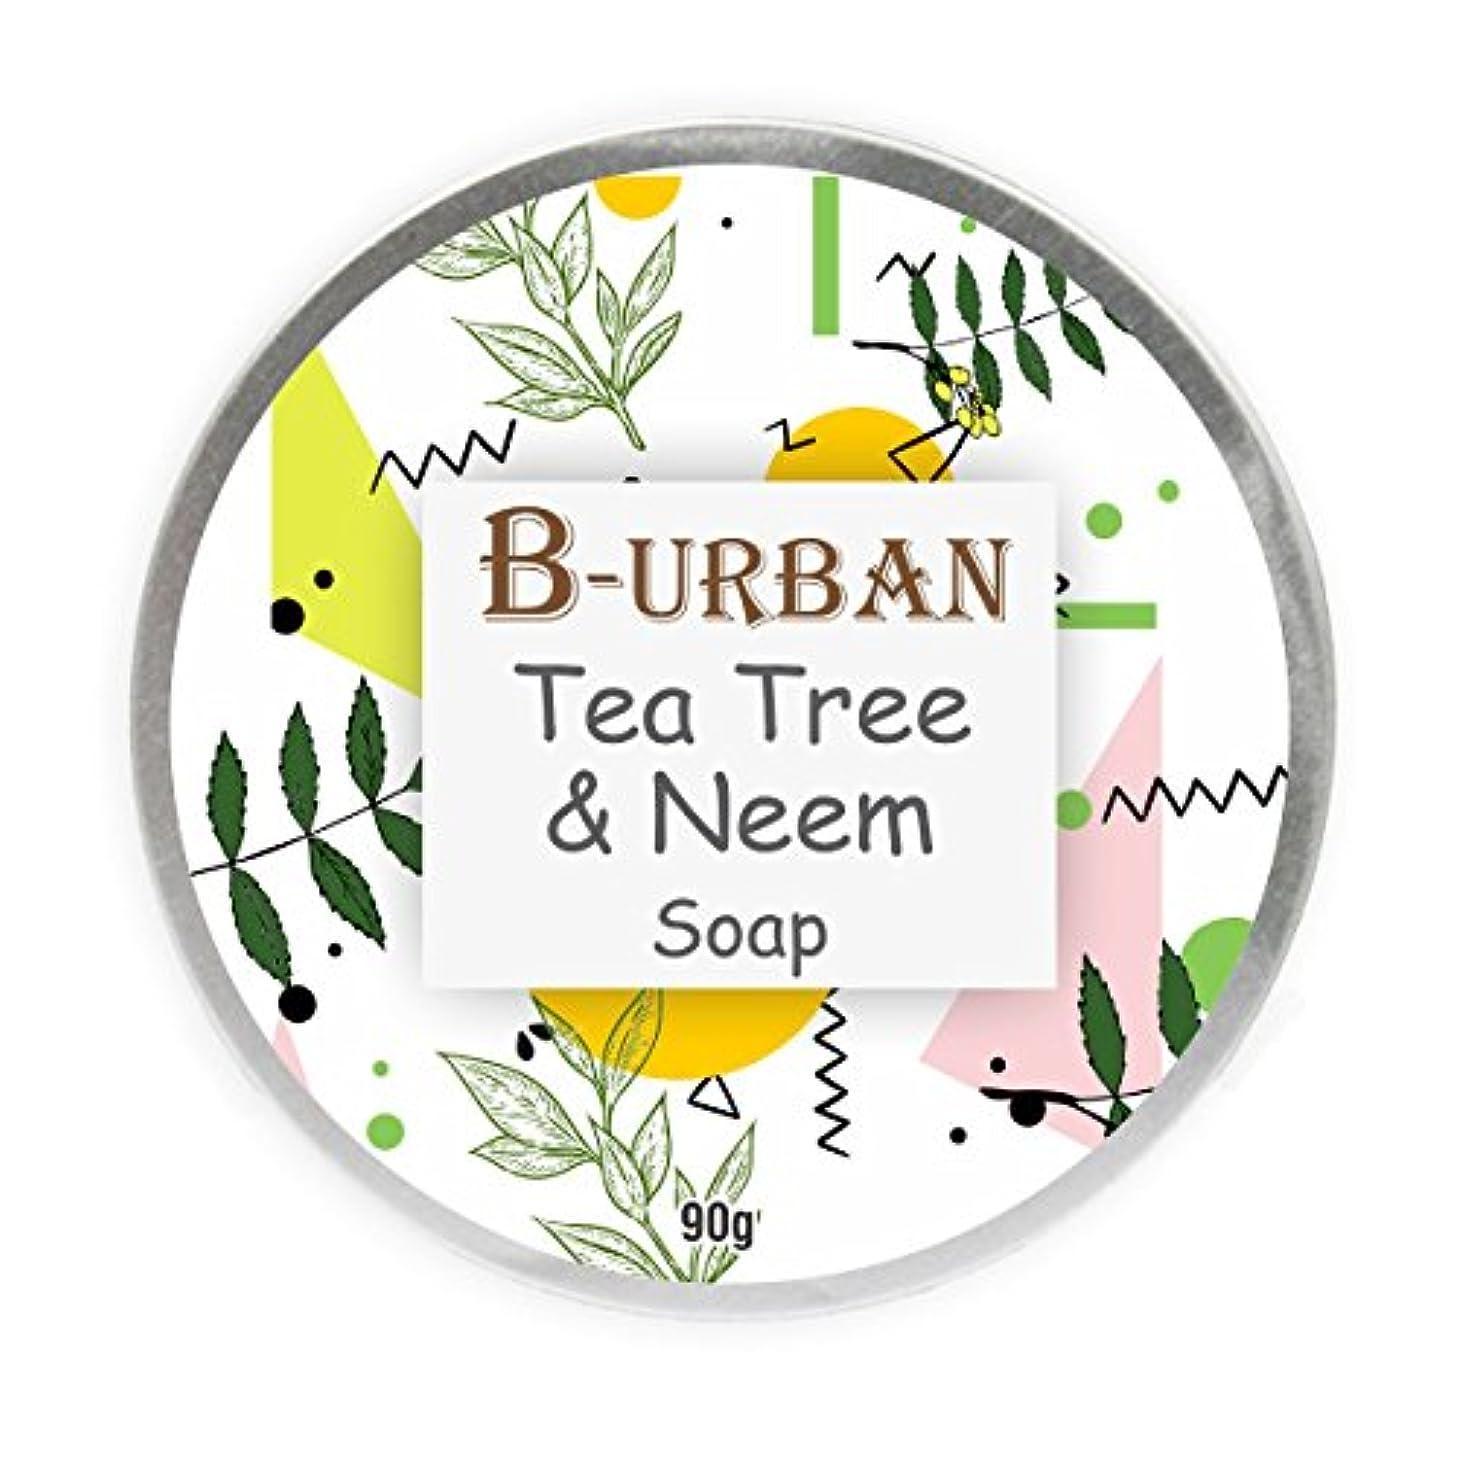 マントリボンリハーサルB-Urban Tea Tree And Neem Soap Made With Natural And Organic Ingredients. Paraben And Sulphate Free. Anti Bacterial...